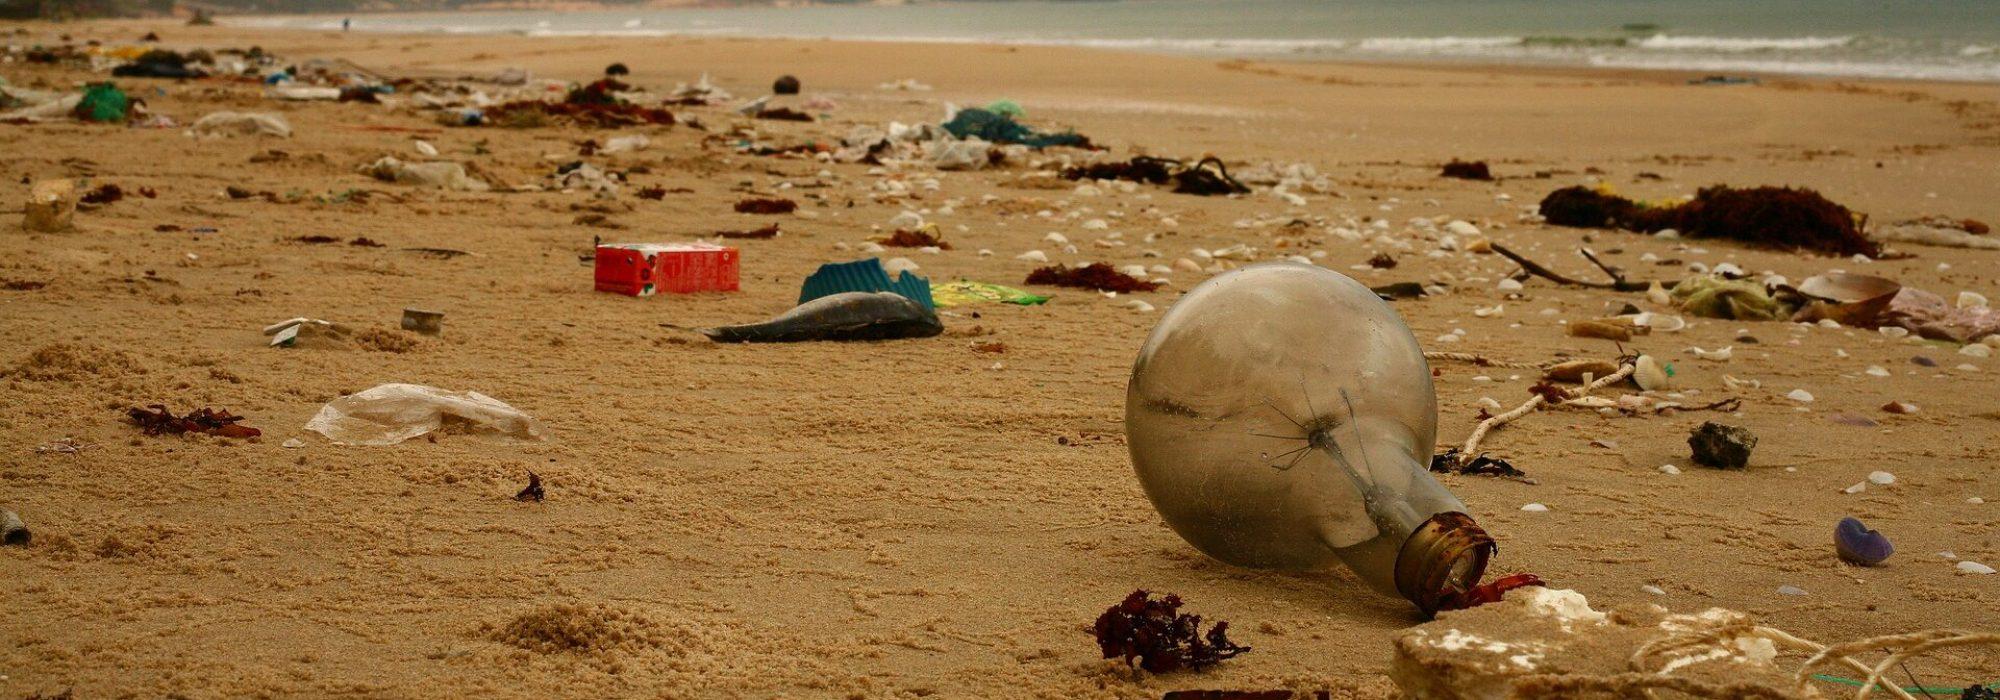 beach-4914403_1920